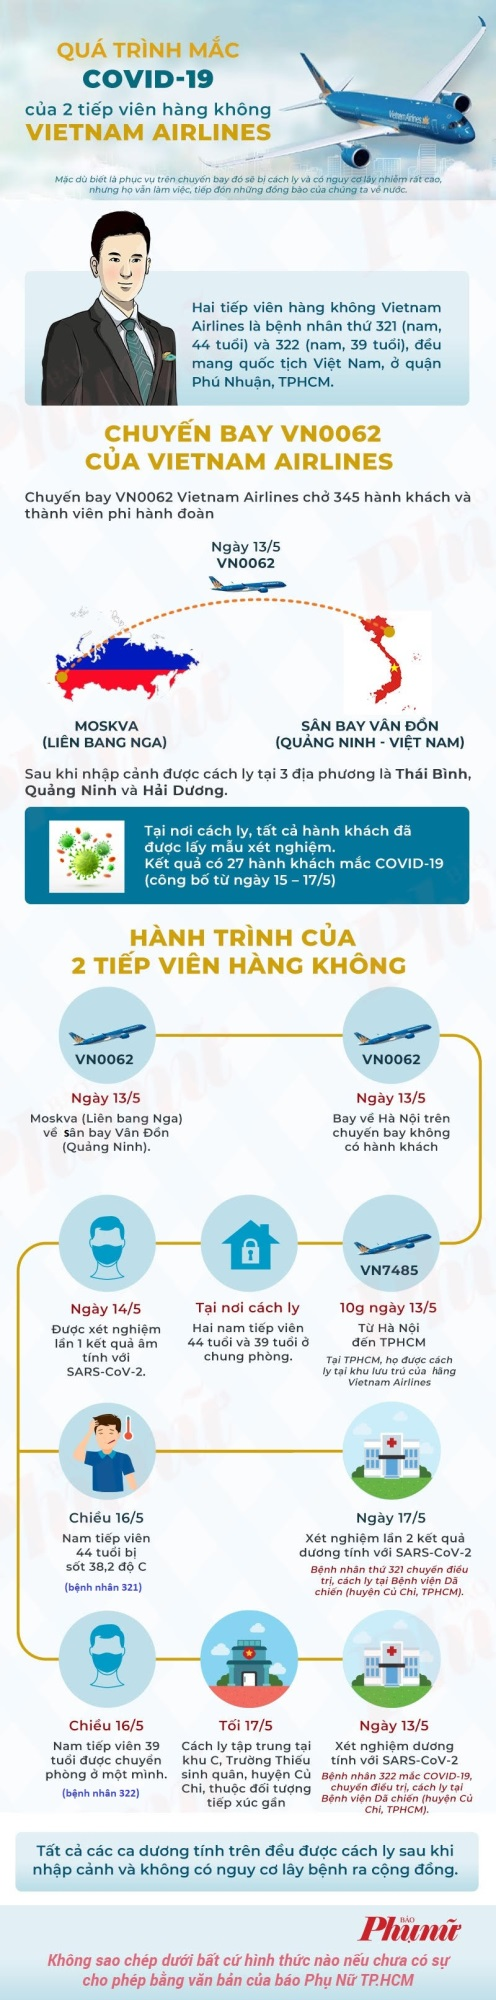 Quá trình mắc COVID-19 của 2 tiếp viên hàng không Vietnam Airlines - Ảnh 1